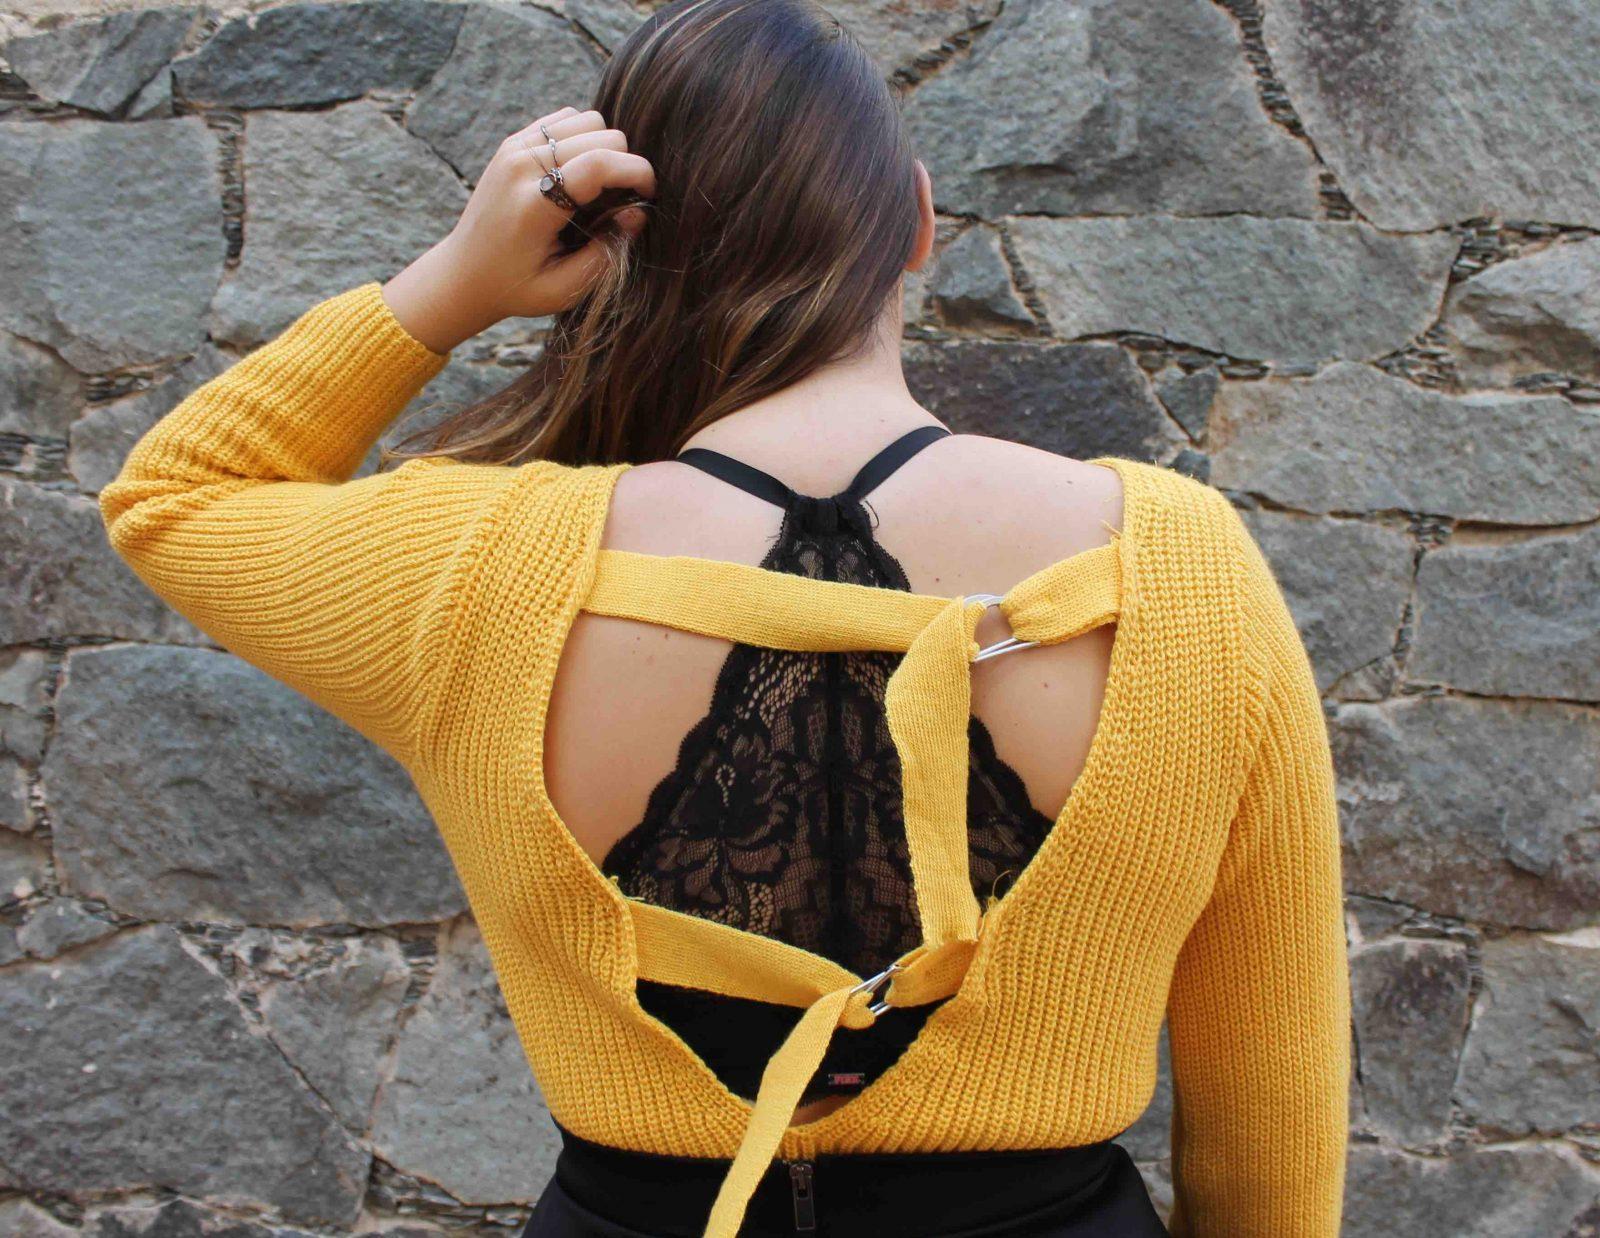 marikowskaya streete style amanda jersey amarillo (9)